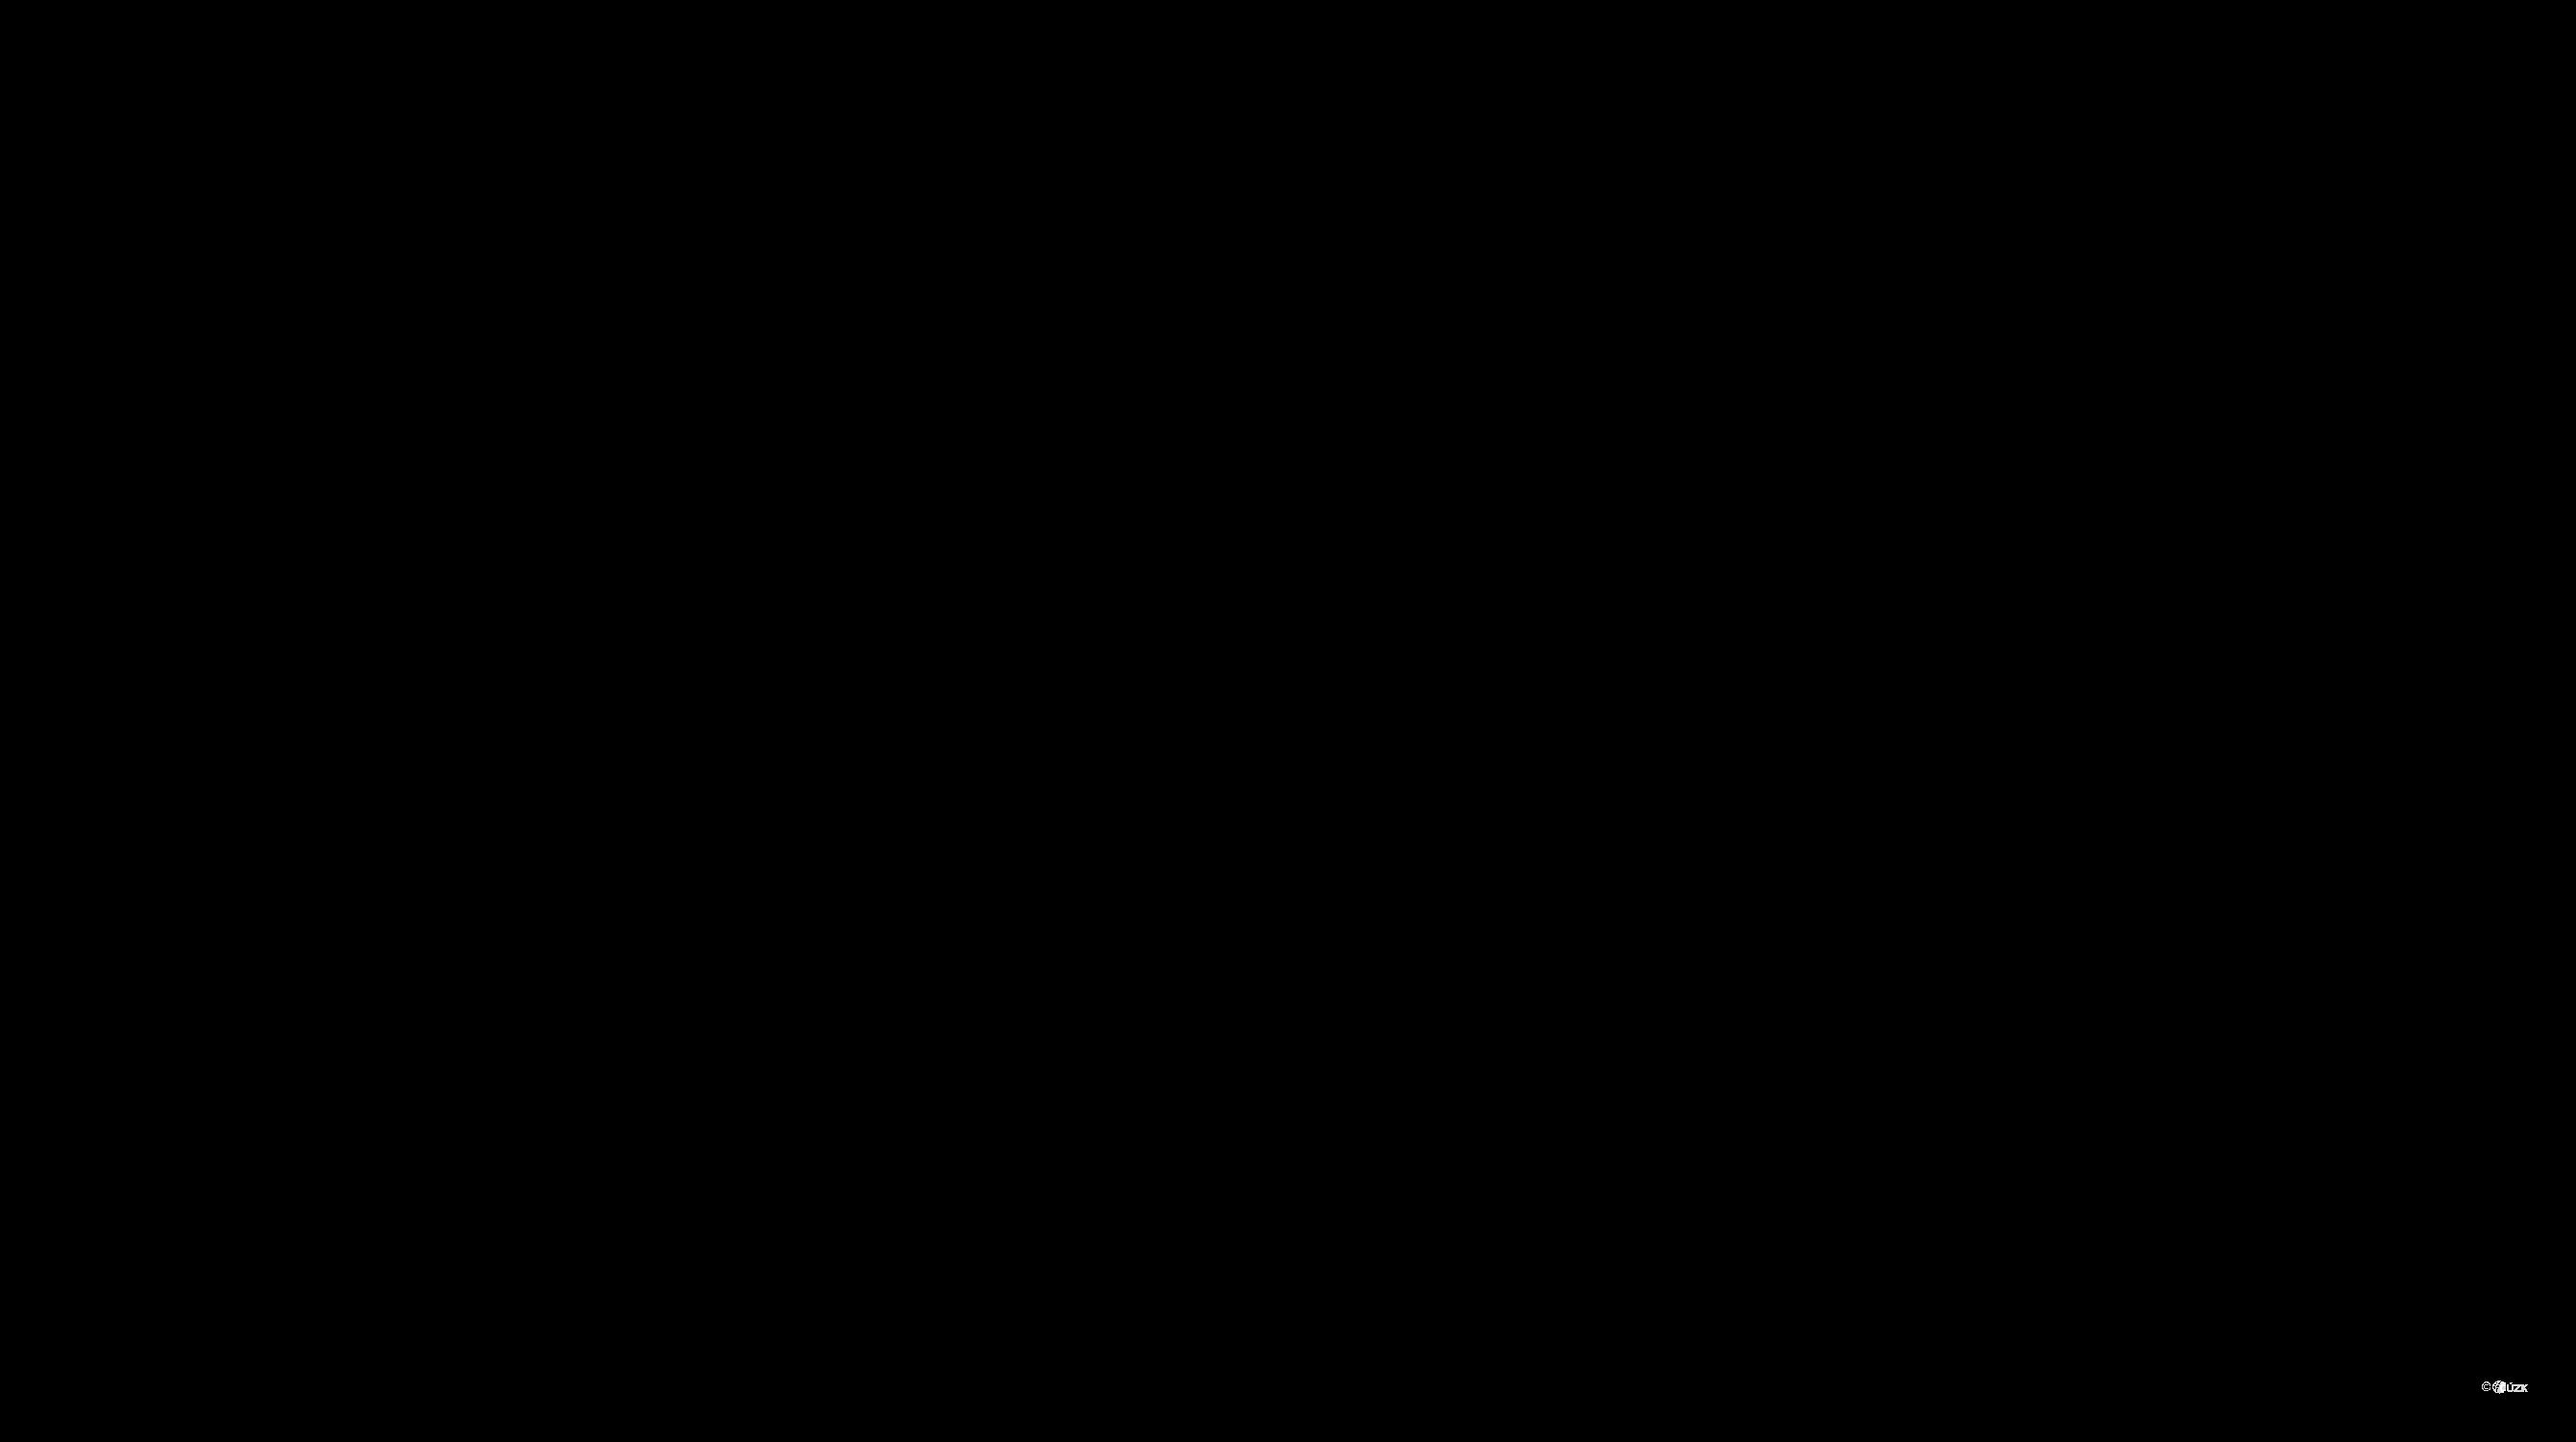 Katastrální mapa pozemků a čísla parcel Zárybničná Lhota